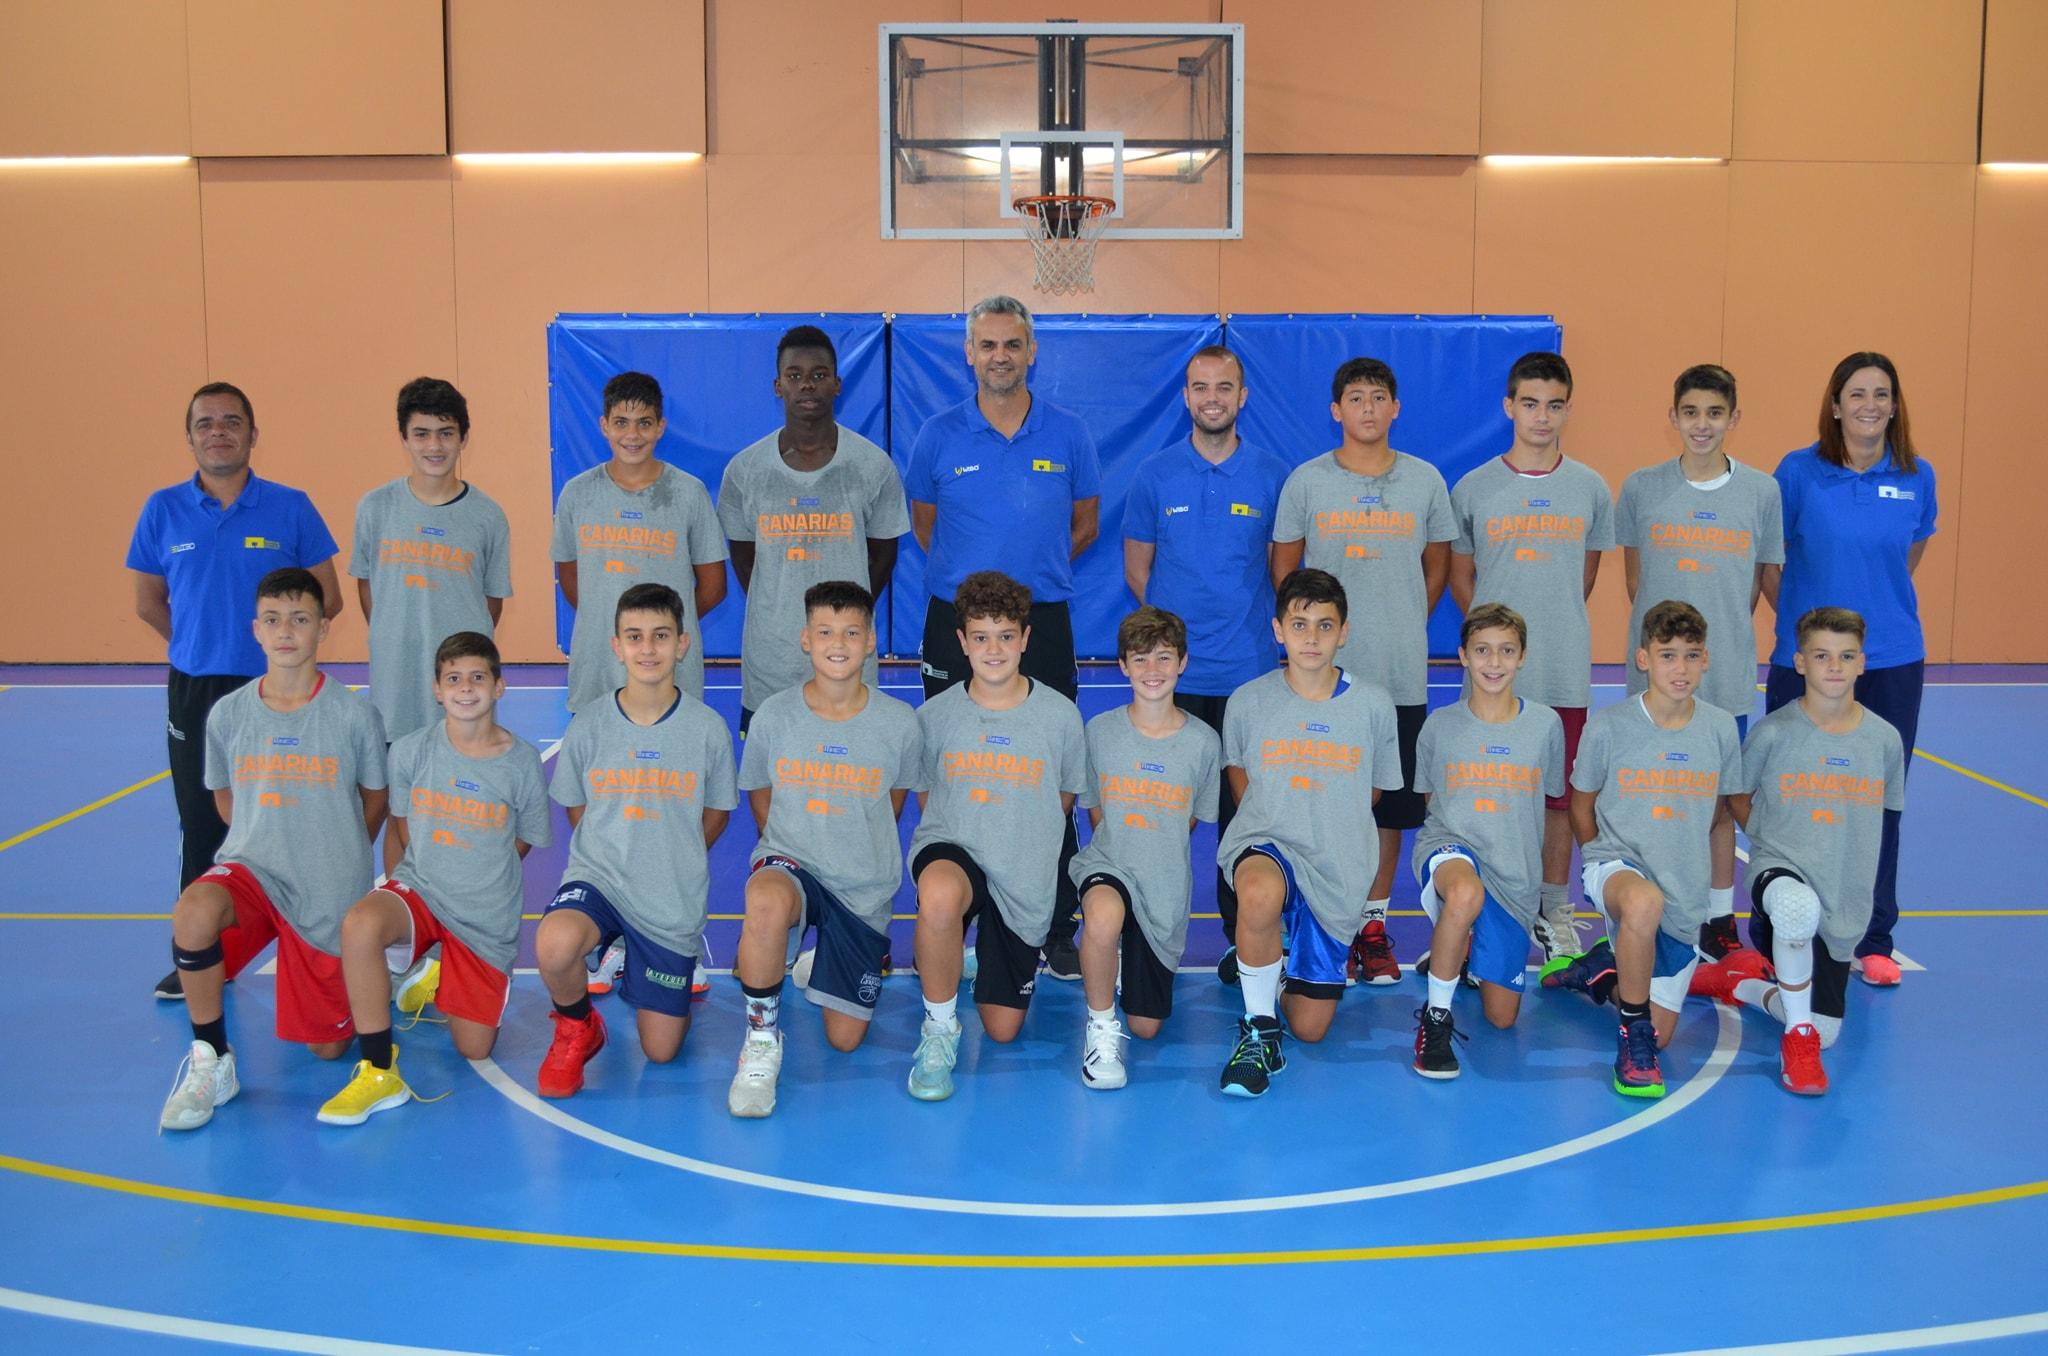 «Competir y divertirse», líneas a seguir por las selecciones canarias en el Nacional Minibasket